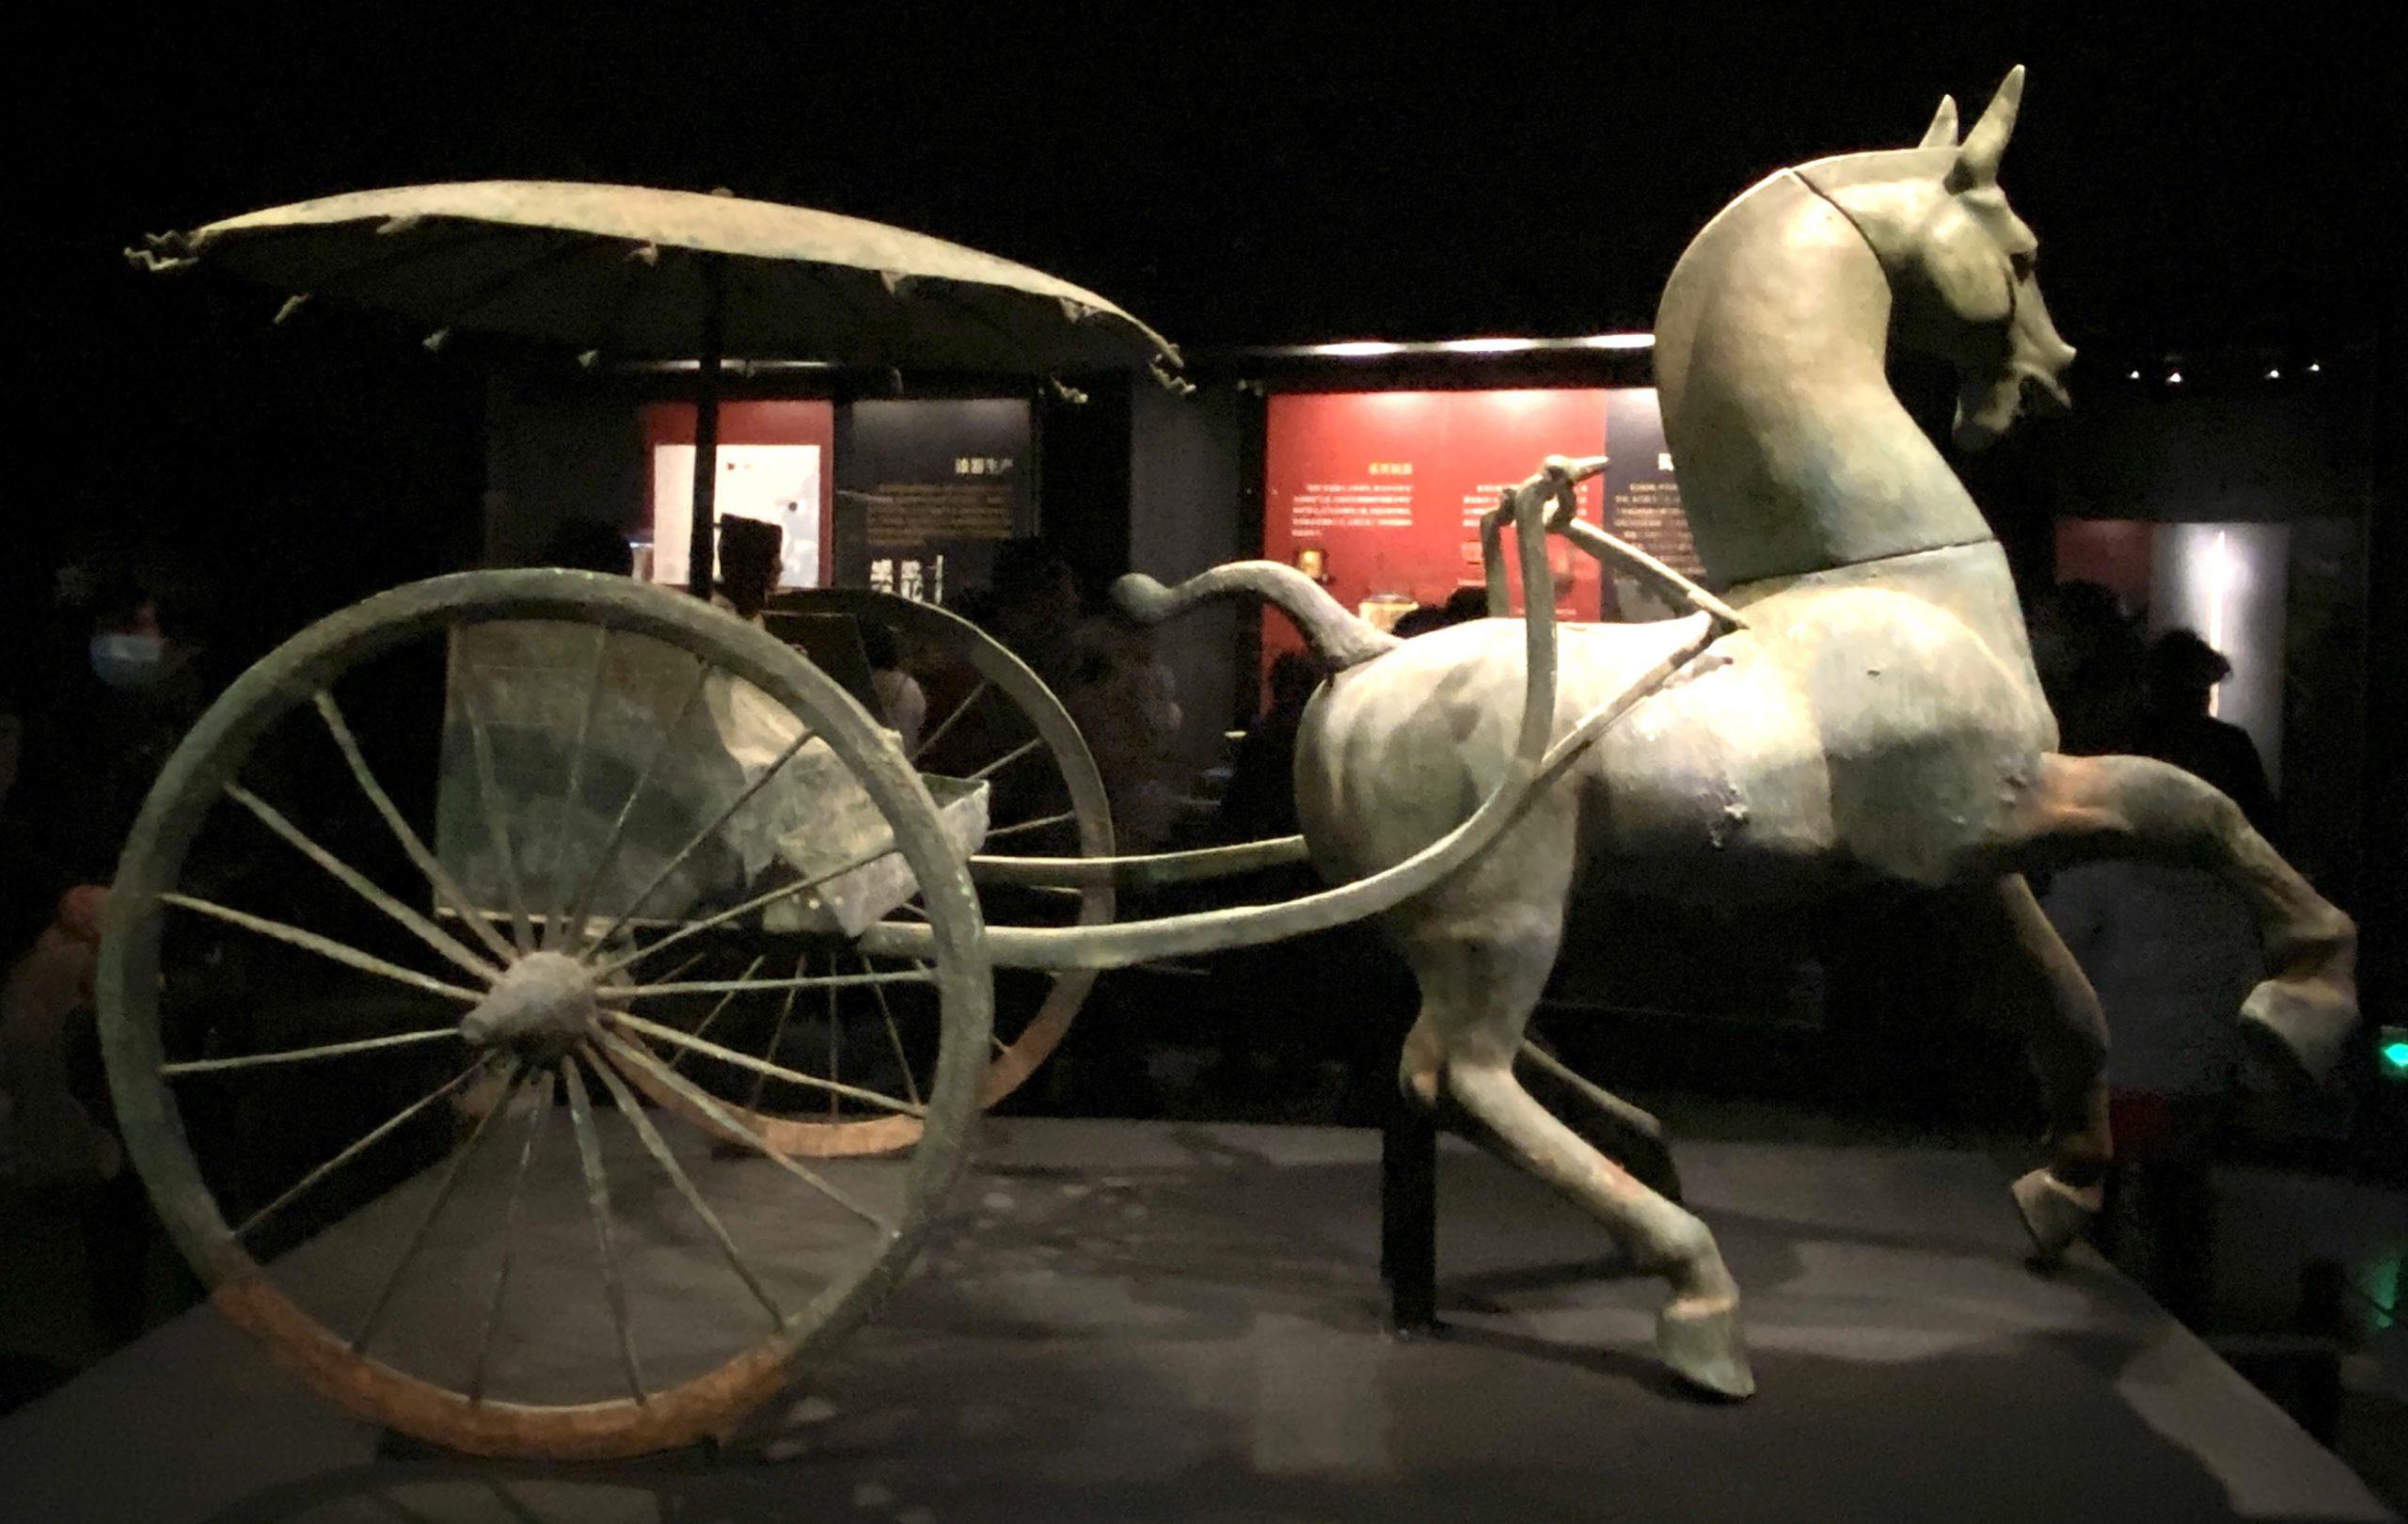 銅車馬「複製品」-【列備五都-秦漢時代の中国都市】-成都博物館-四川成都